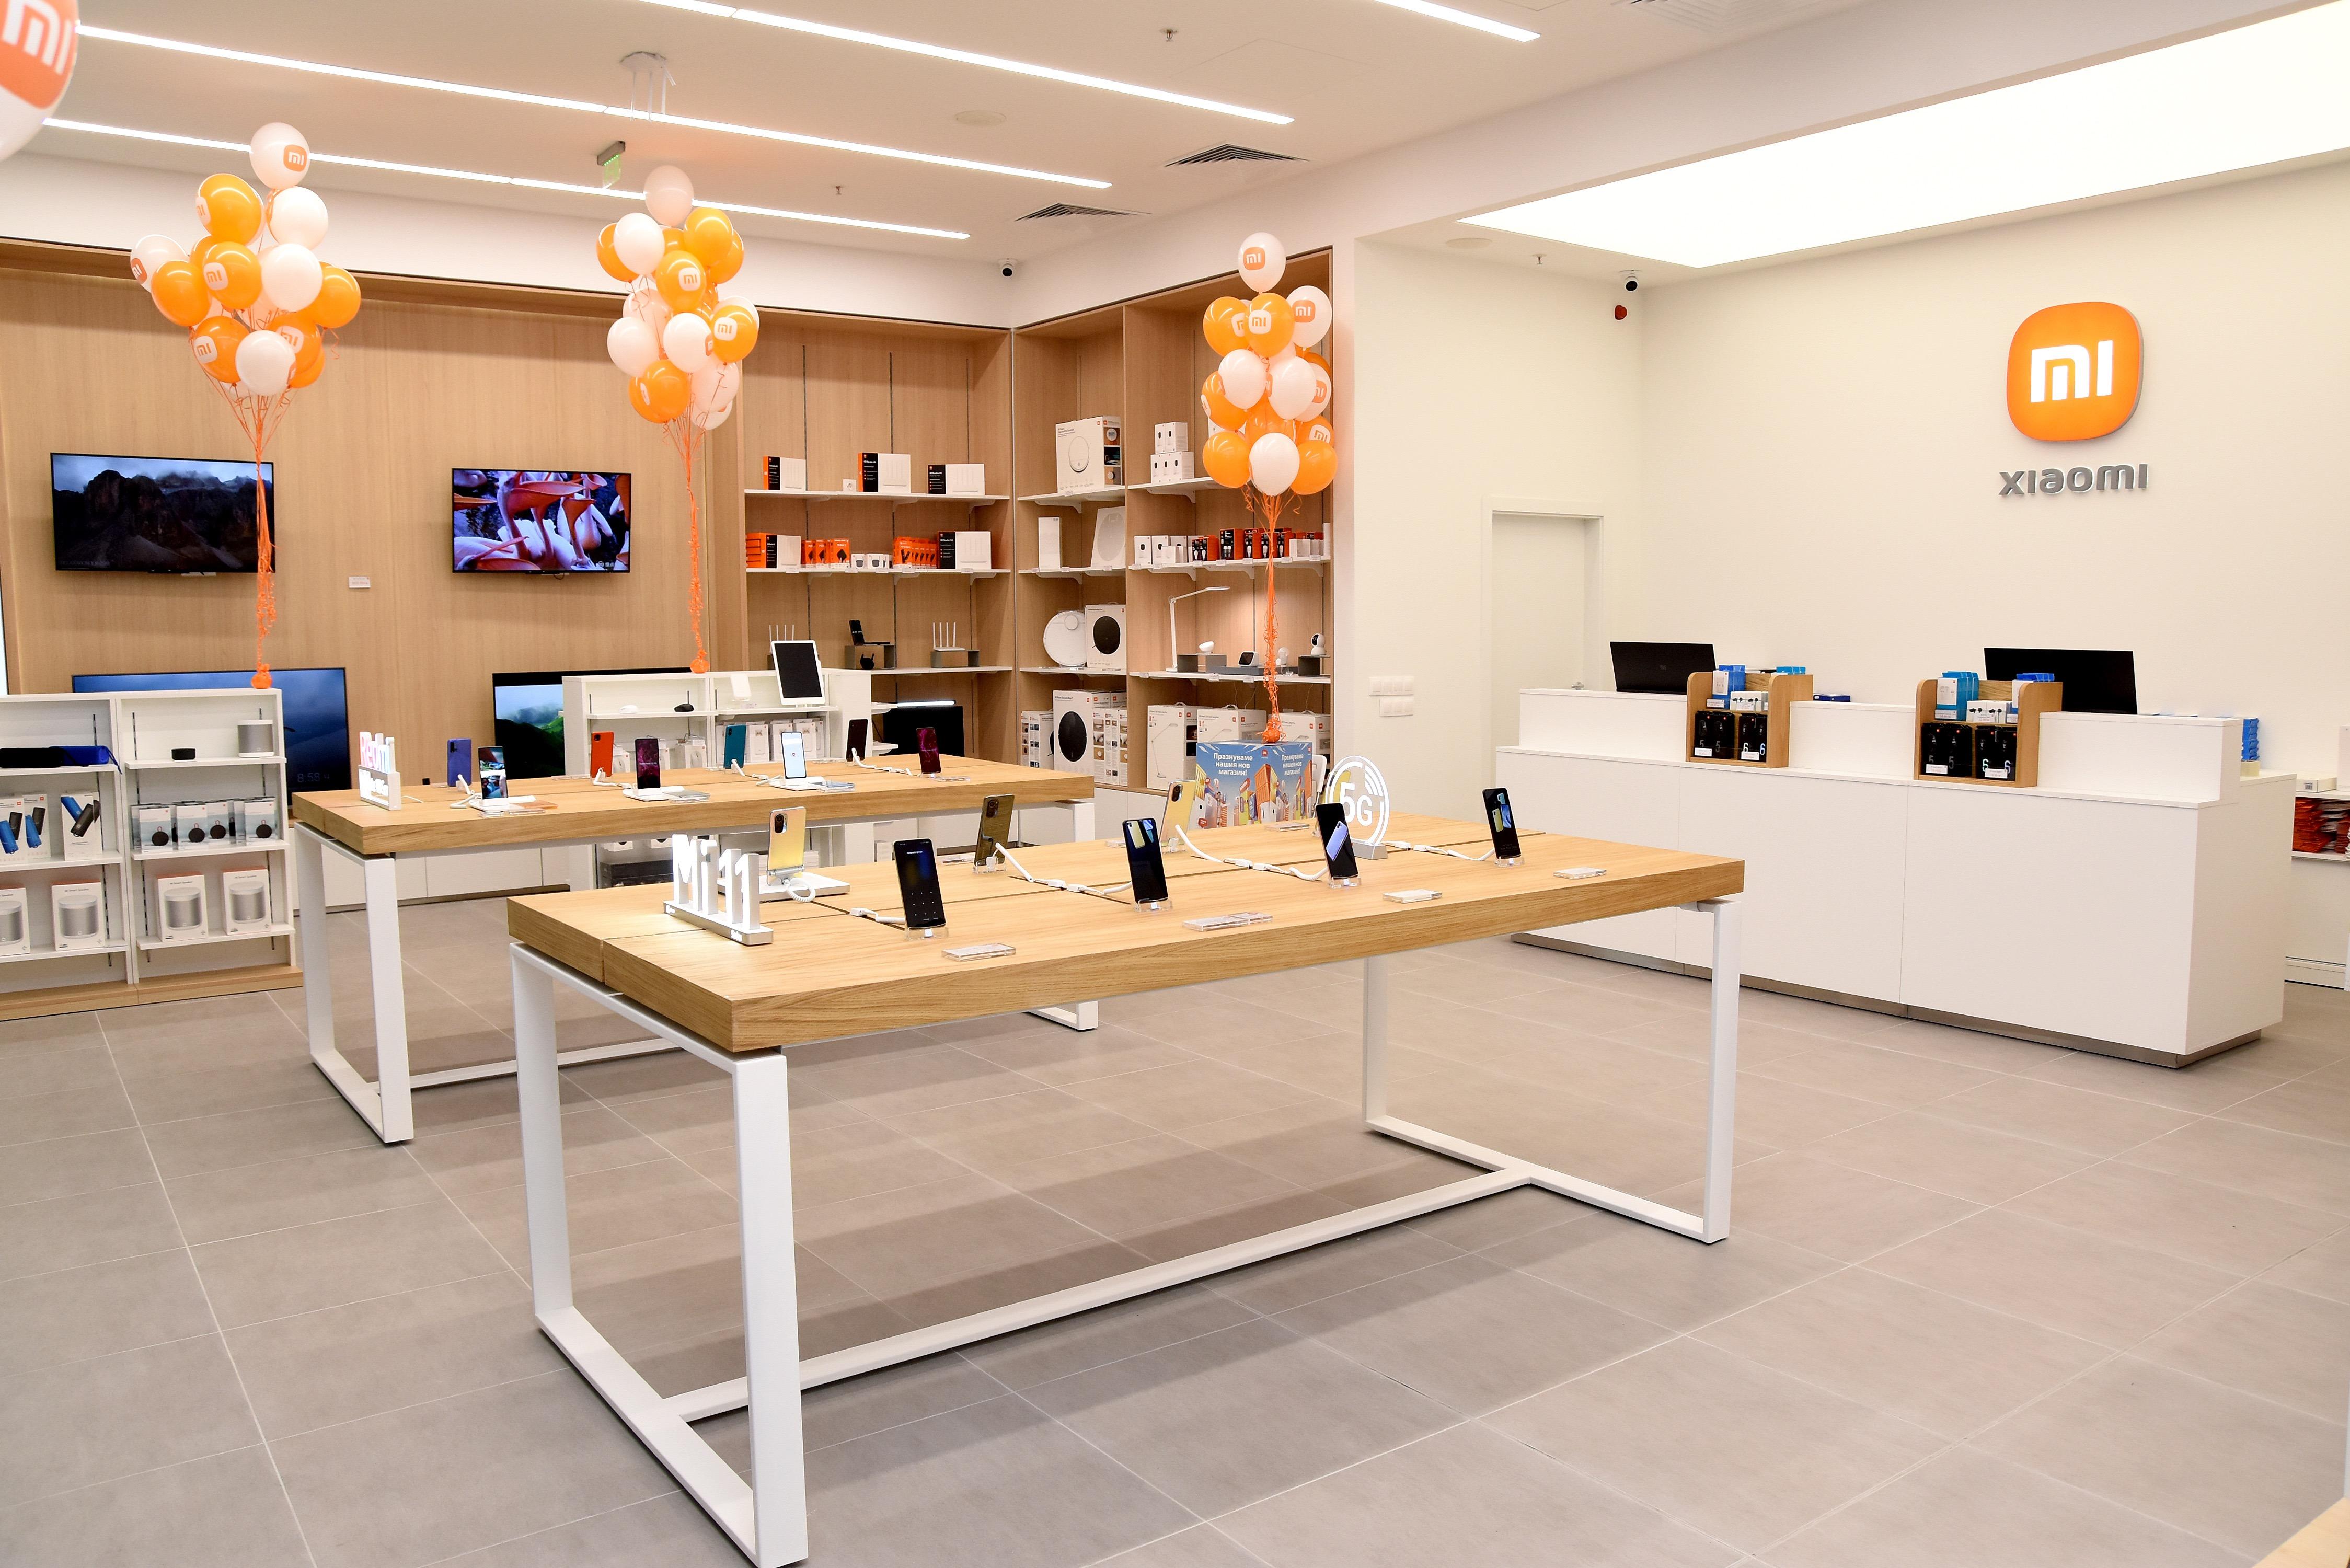 Un nou Xiaomi Store se deschide în România, pe 28 august, în Centrul Comercial Sun Plaza din București